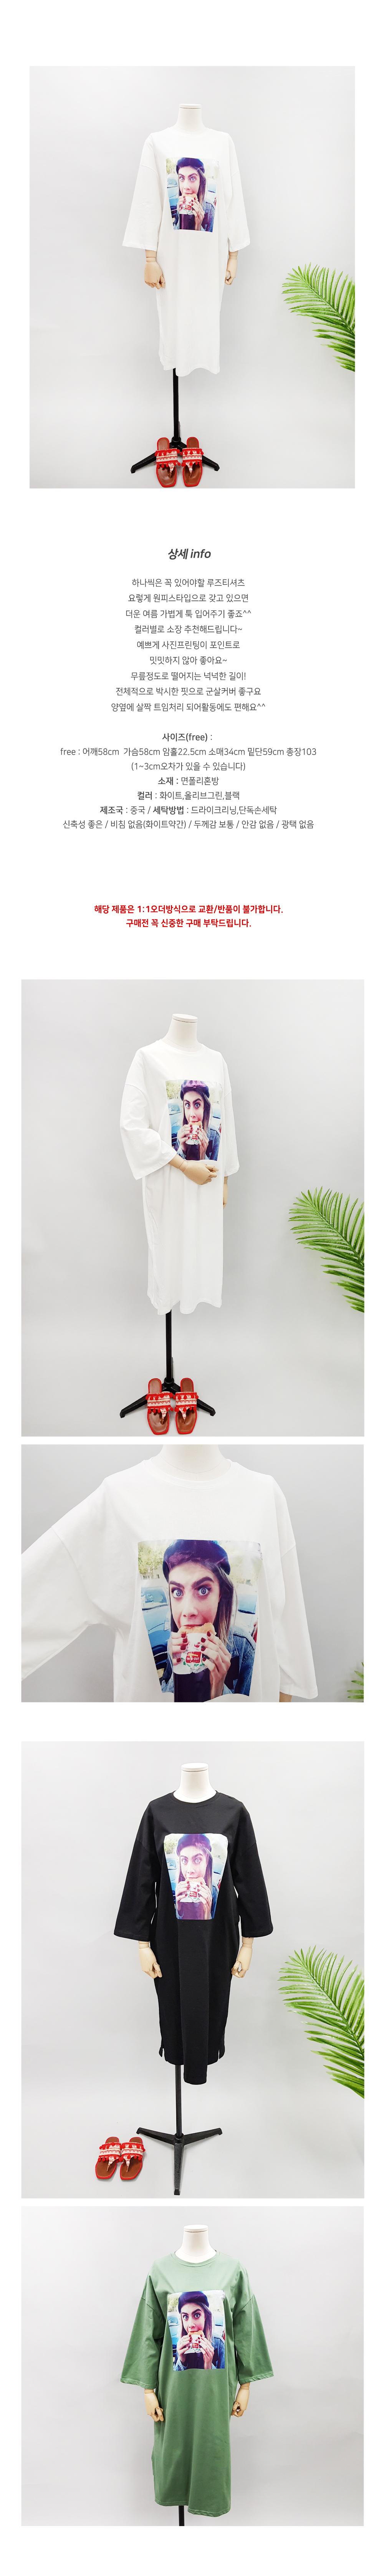 페이스 루즈 롱 원피스 티셔츠 - 정스토어, 25,900원, 여성비치웨어, 기타비치웨어